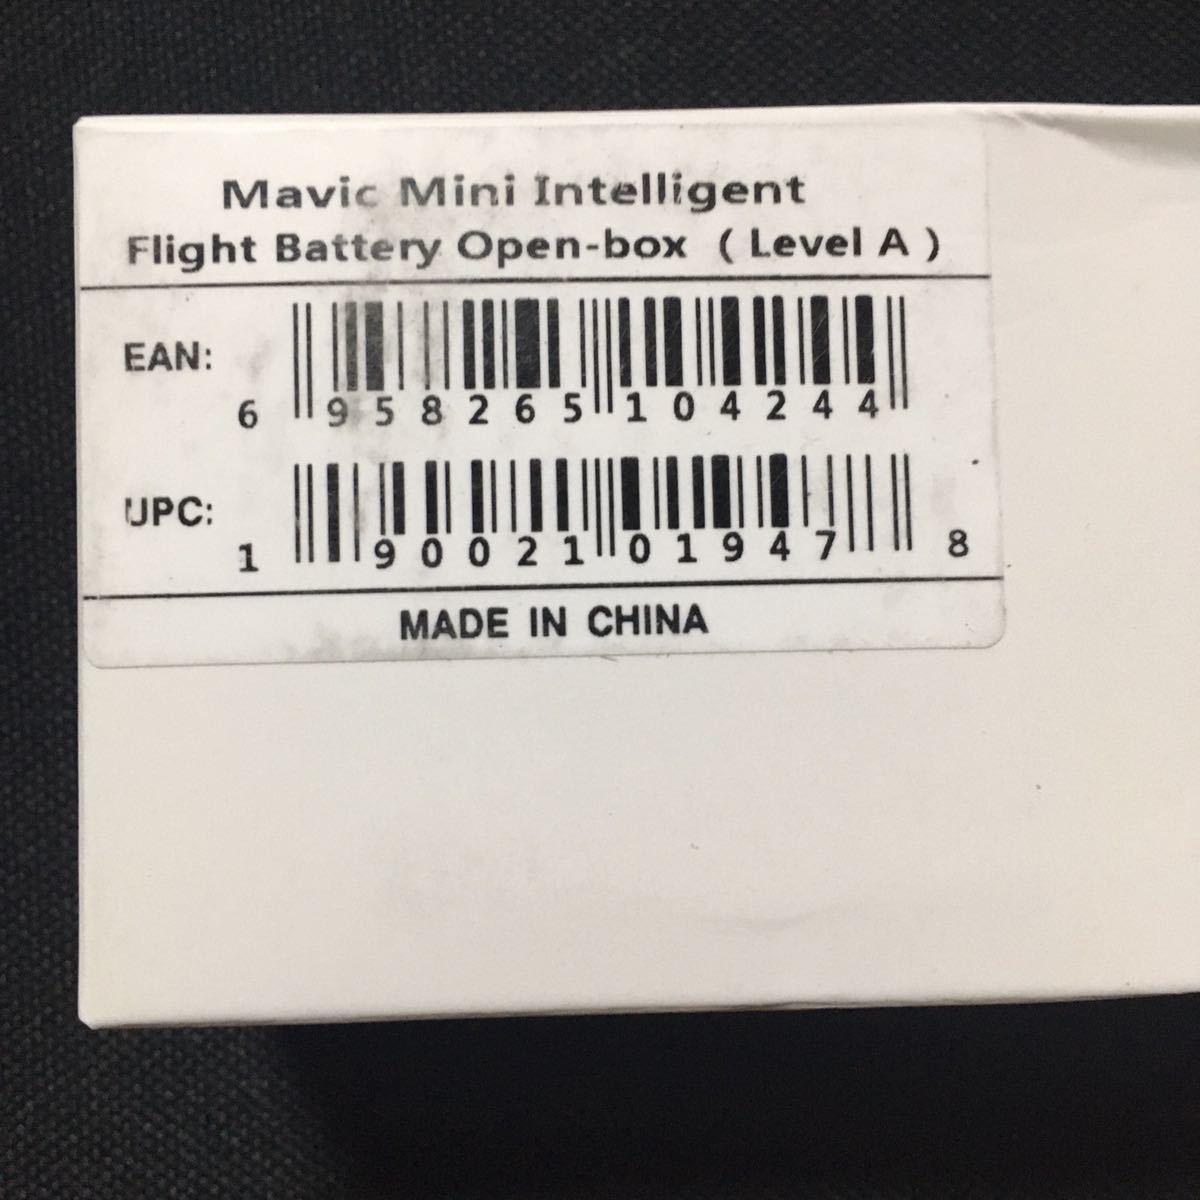 オープンボックス A DJI マビックミニ バッテリー 海外 2400 mAh Mavic mini Intelligent Flight Mini Battery DJI mini2